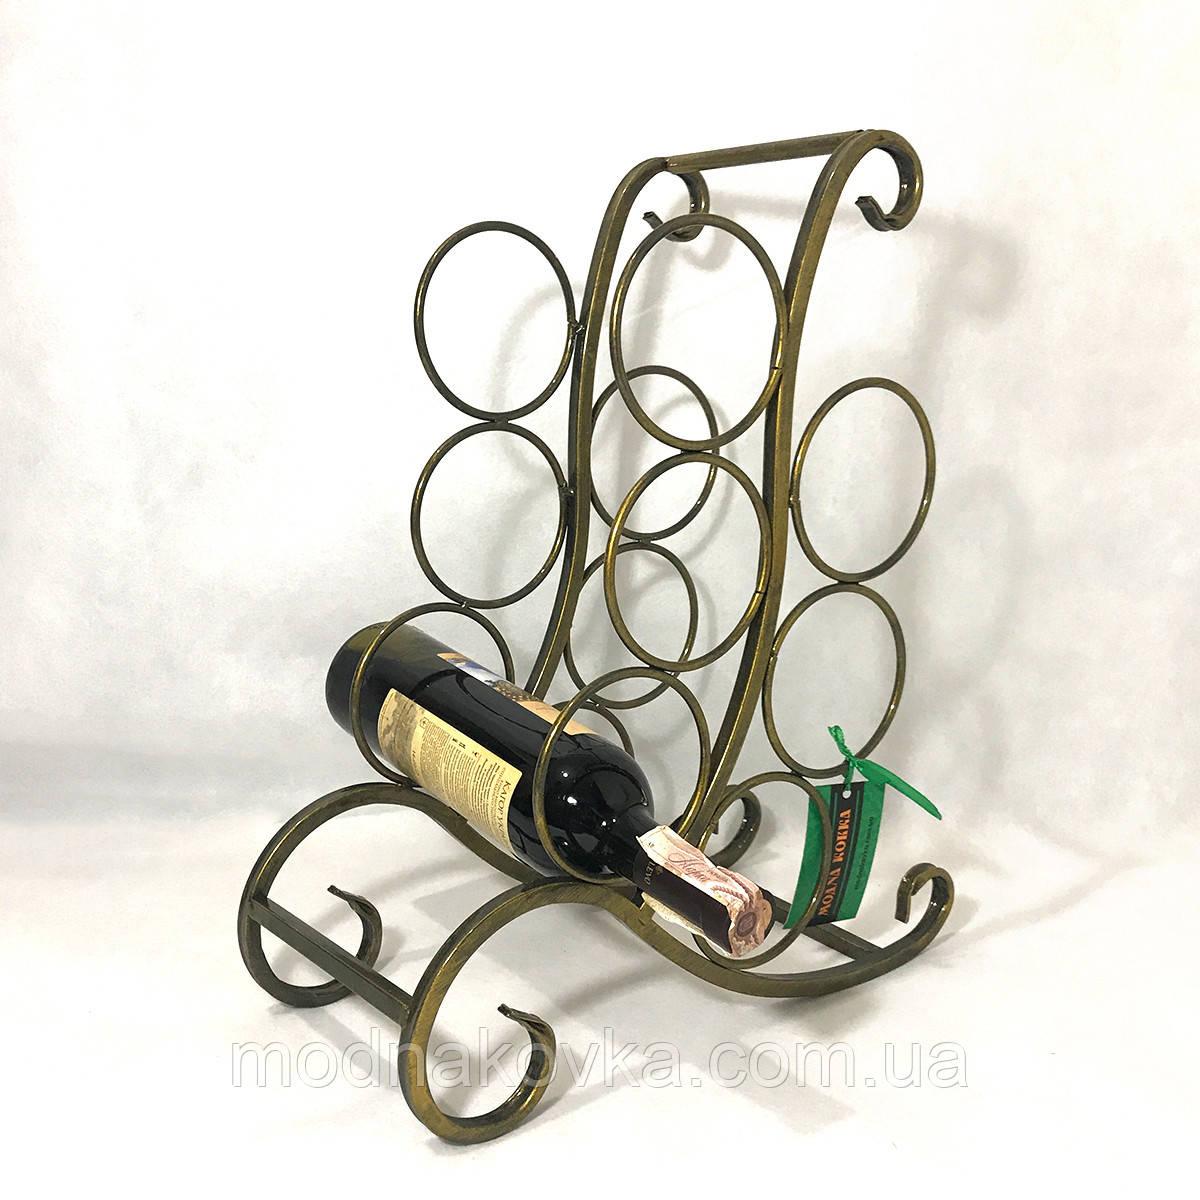 Подставка для бутылок вина кованая І Мини бар №604 черный/золото І Подставка под бутылку